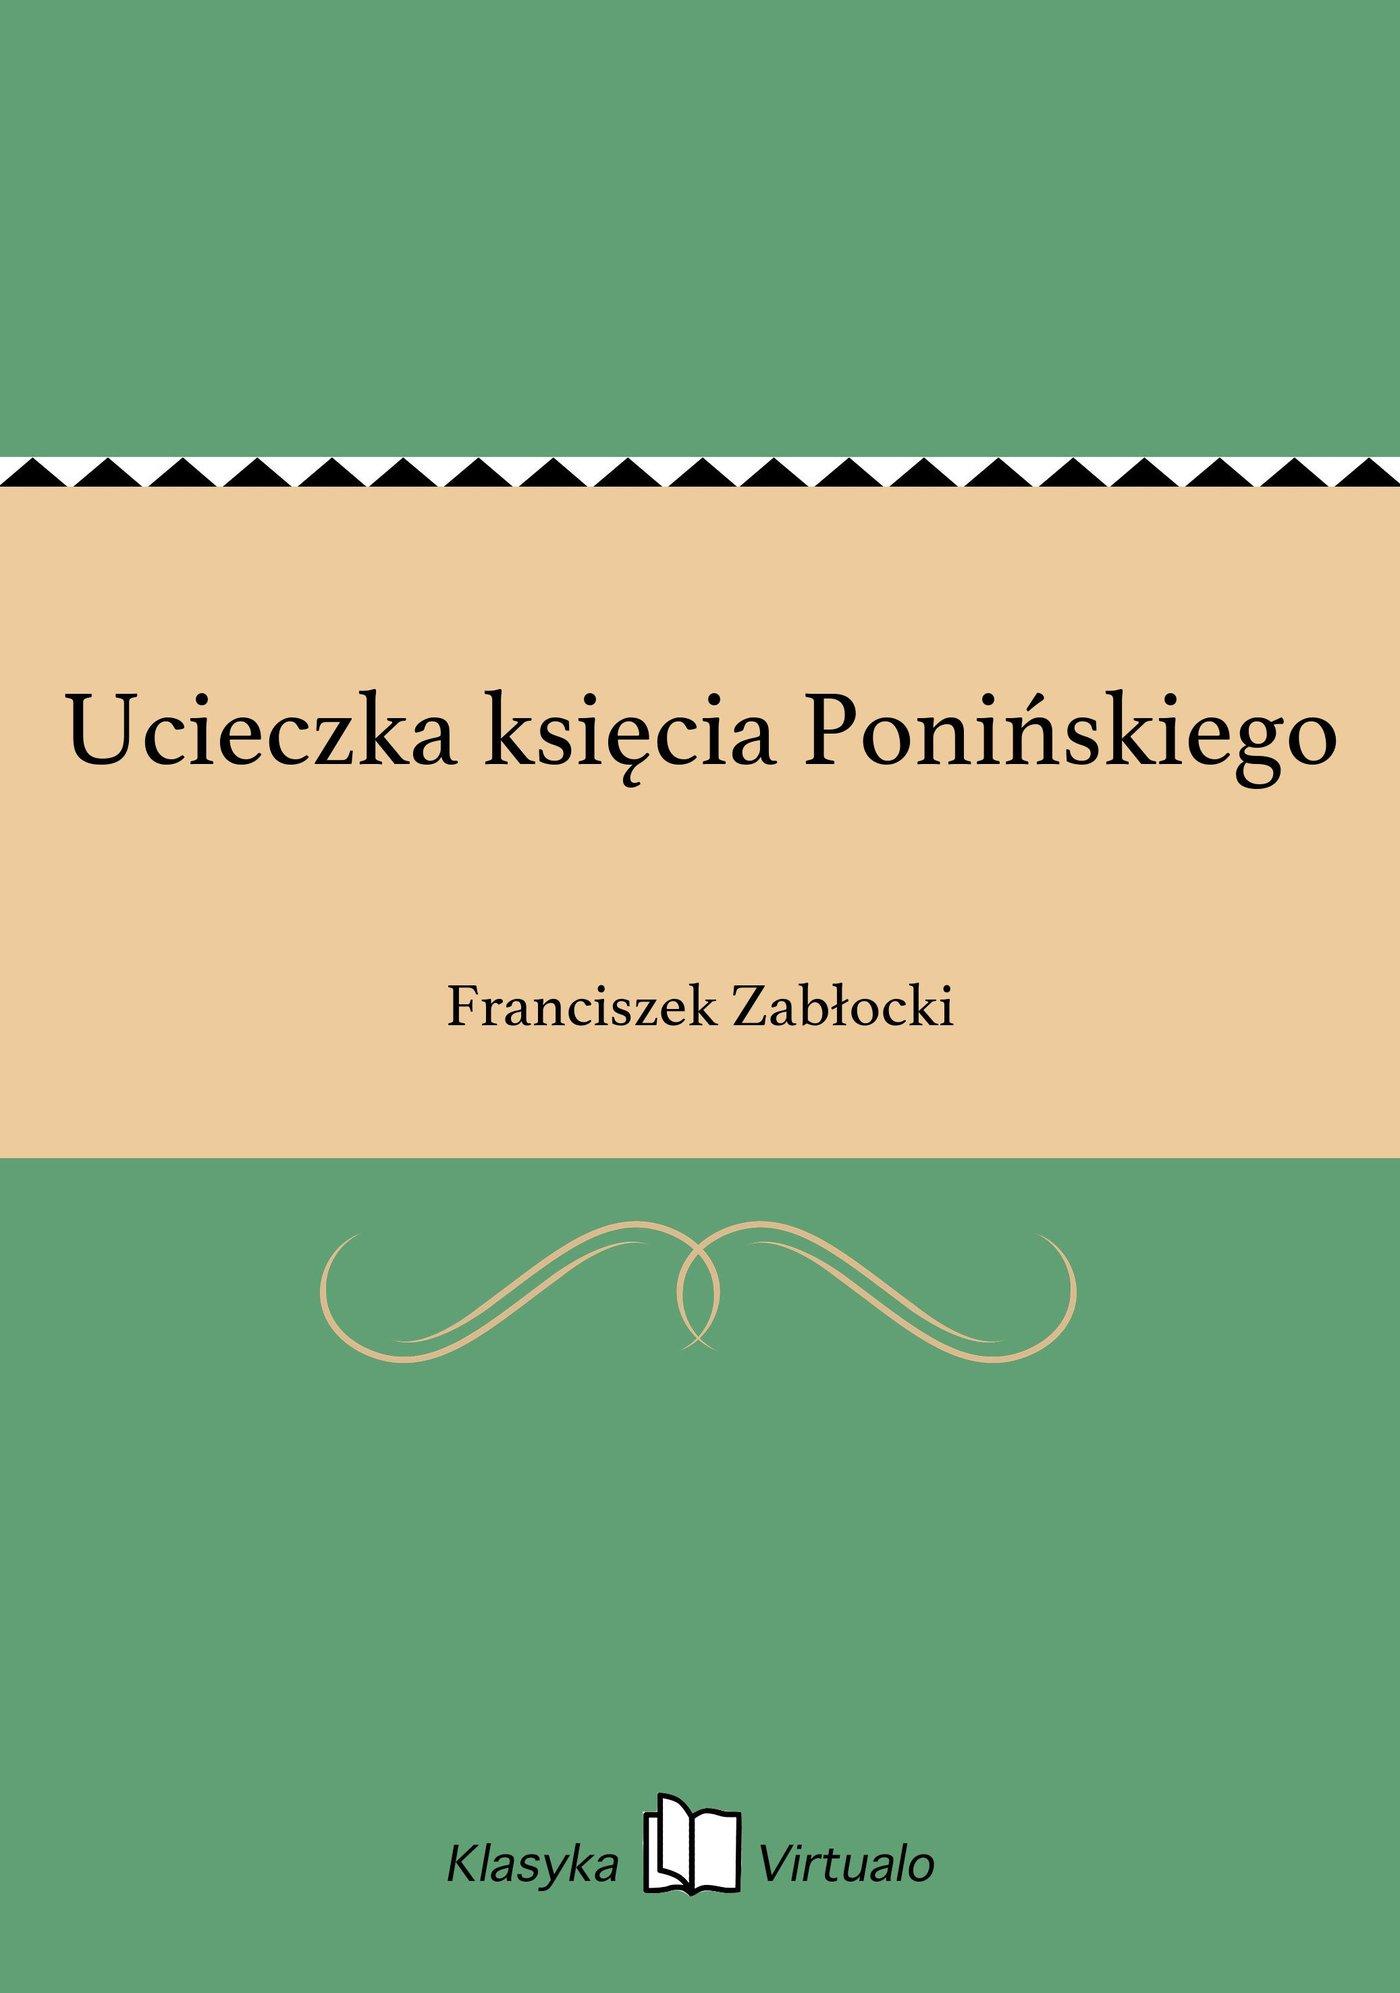 Ucieczka księcia Ponińskiego - Ebook (Książka EPUB) do pobrania w formacie EPUB